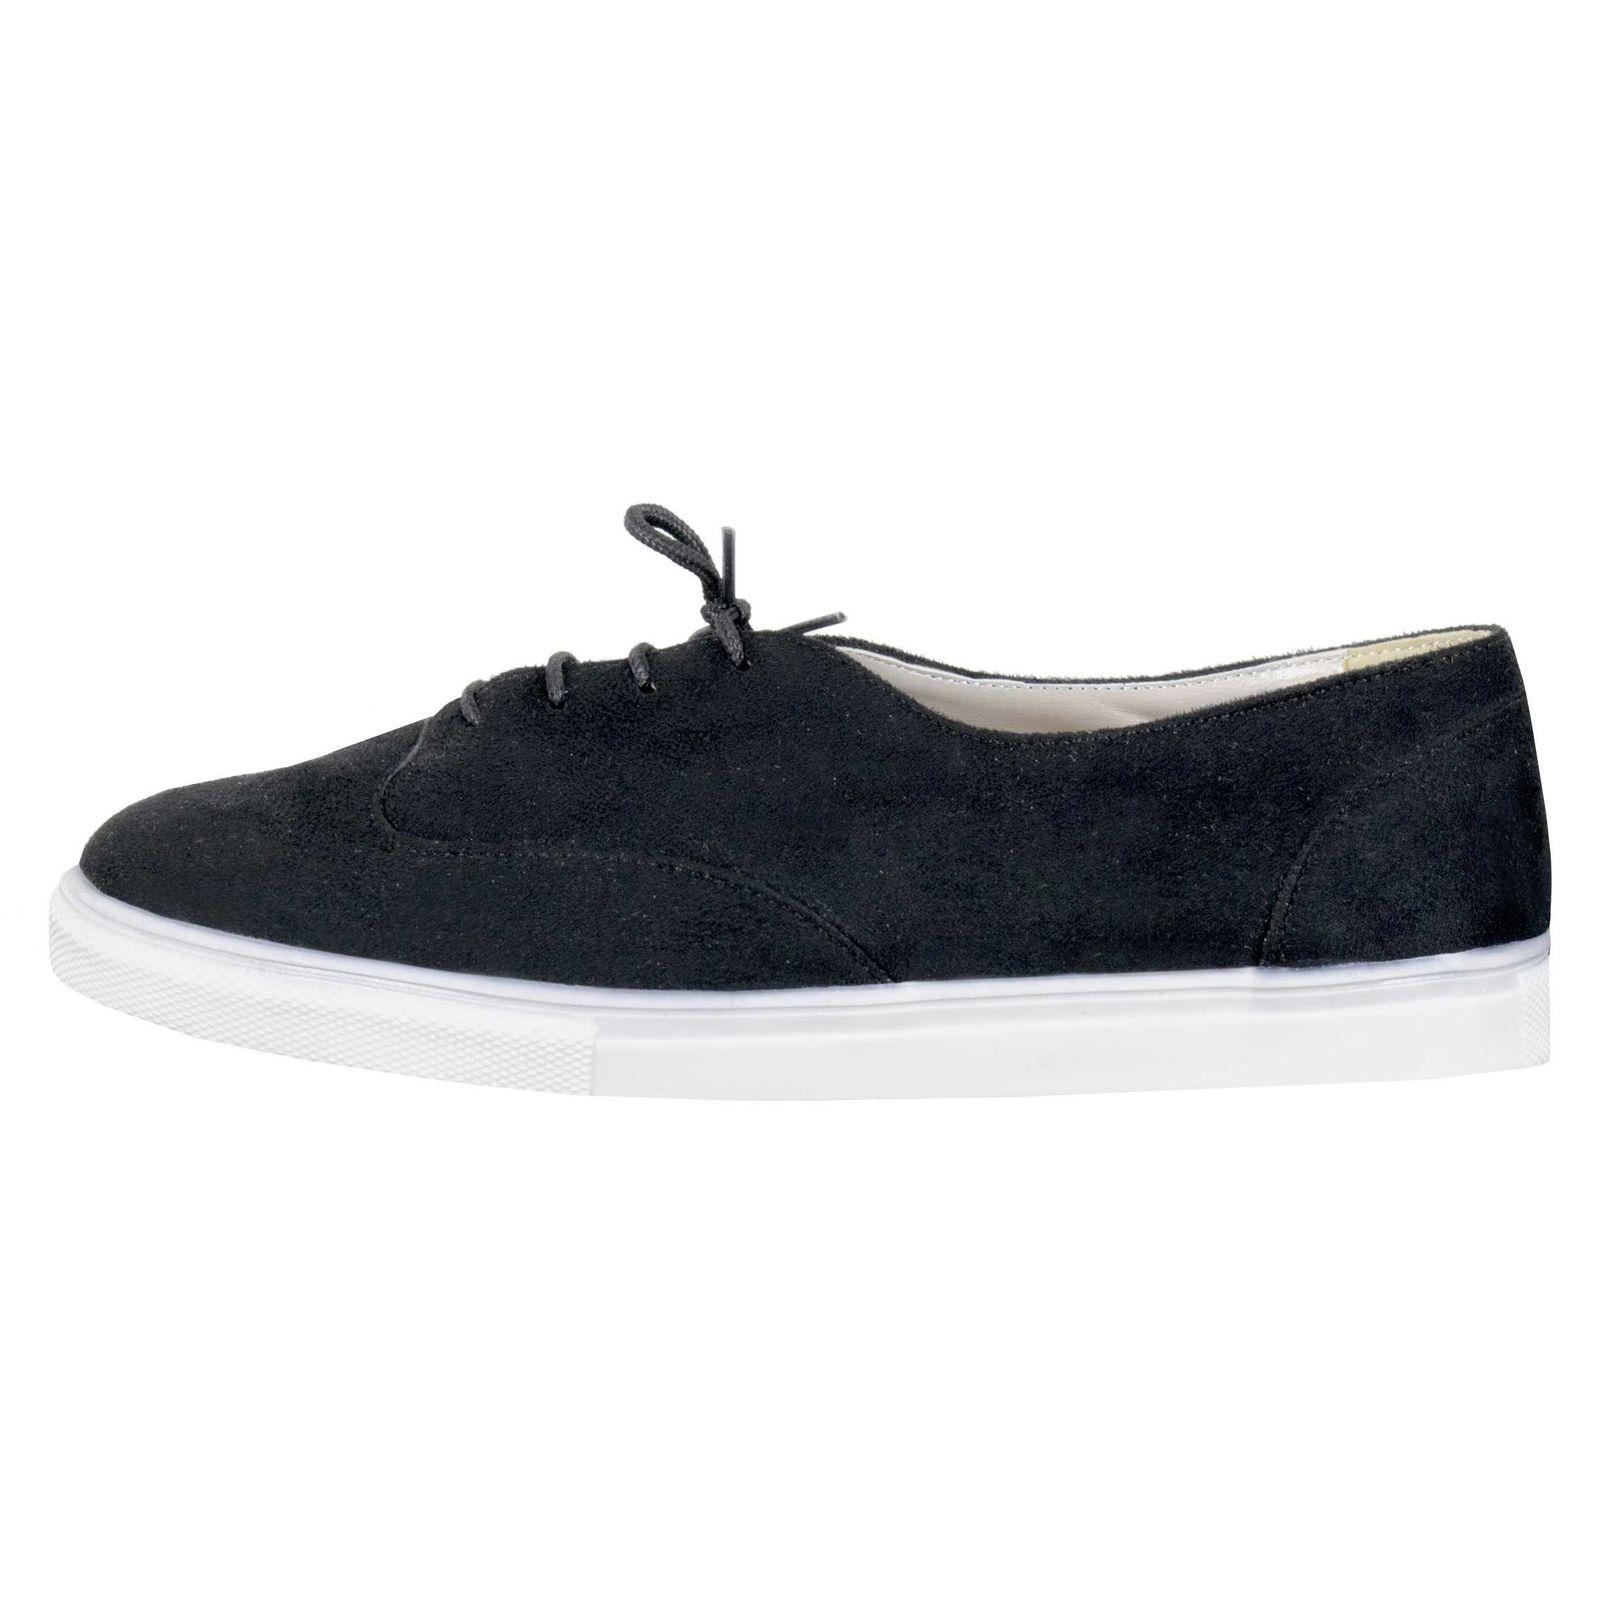 کفش روزمره زنانه آذاردو مدل W03705 main 1 1